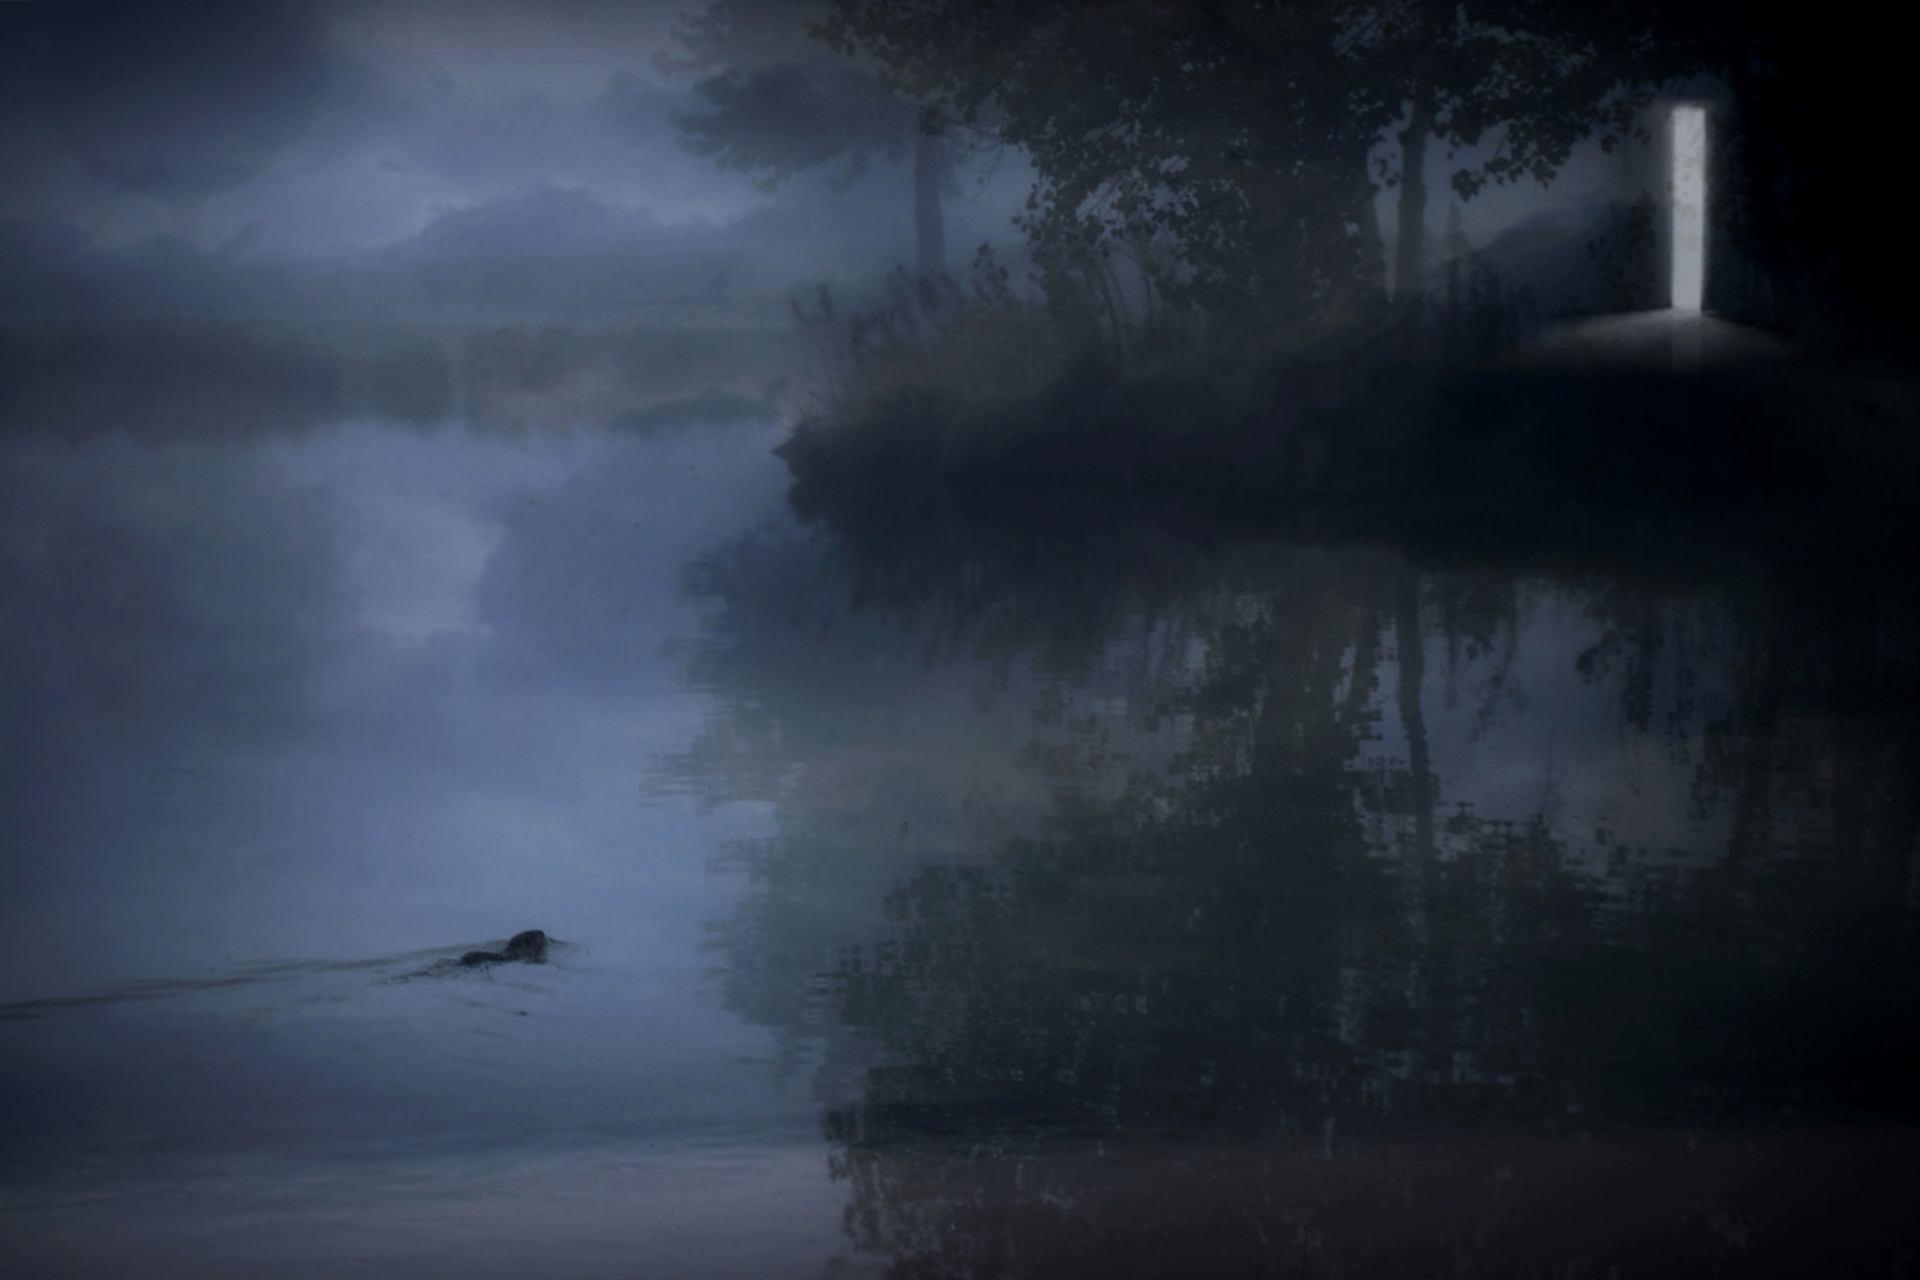 Le lac fantôme#7